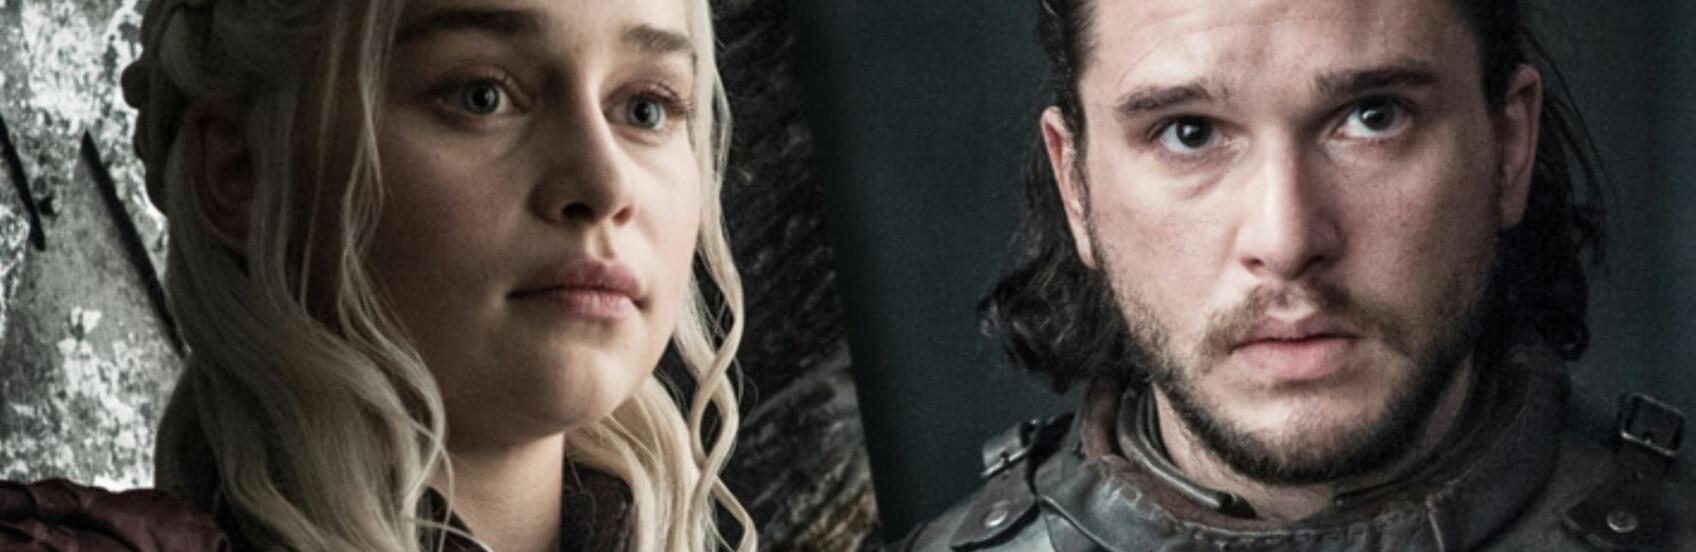 «GAME OF THRONES»: På Pinterest har antall søk på Daenarys Targaryen-kostymer gått opp med 91% prosent i år og Jon Snow-kostymer med 280% prosent. FOTO: Scanpix